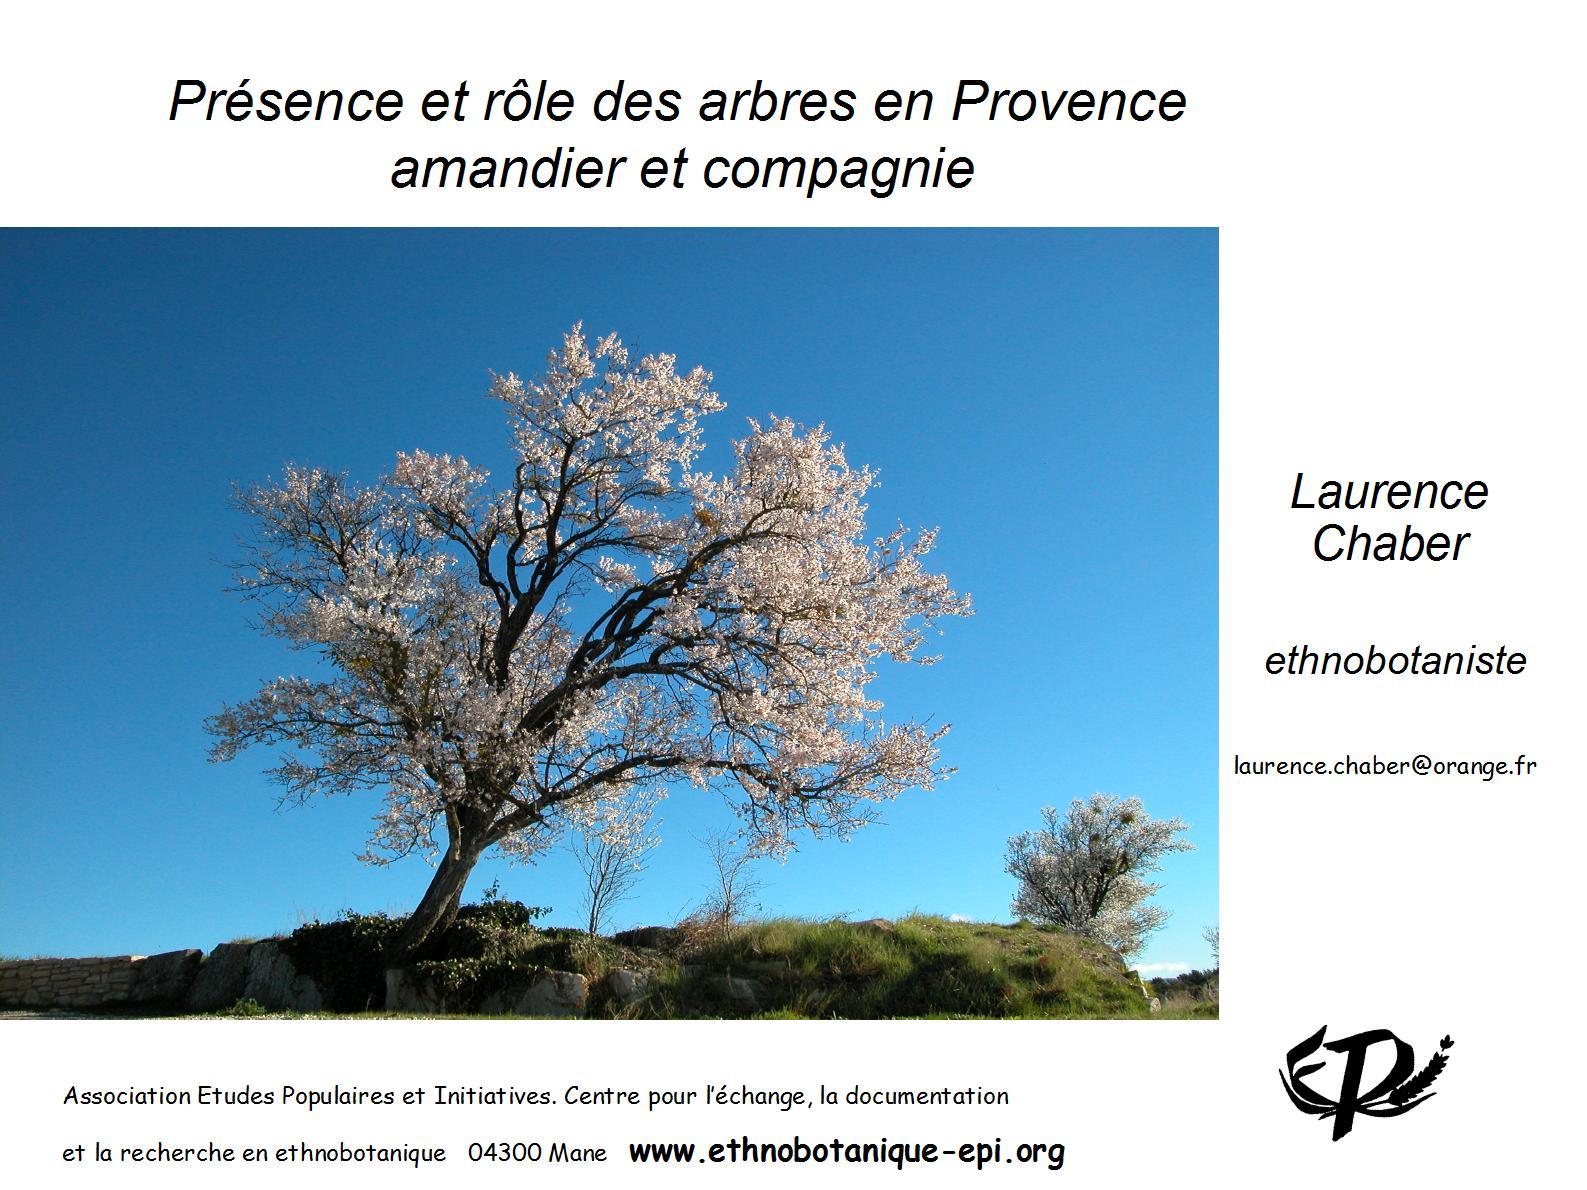 _Arbres Provence amandier_Oraison 11 oct 2015